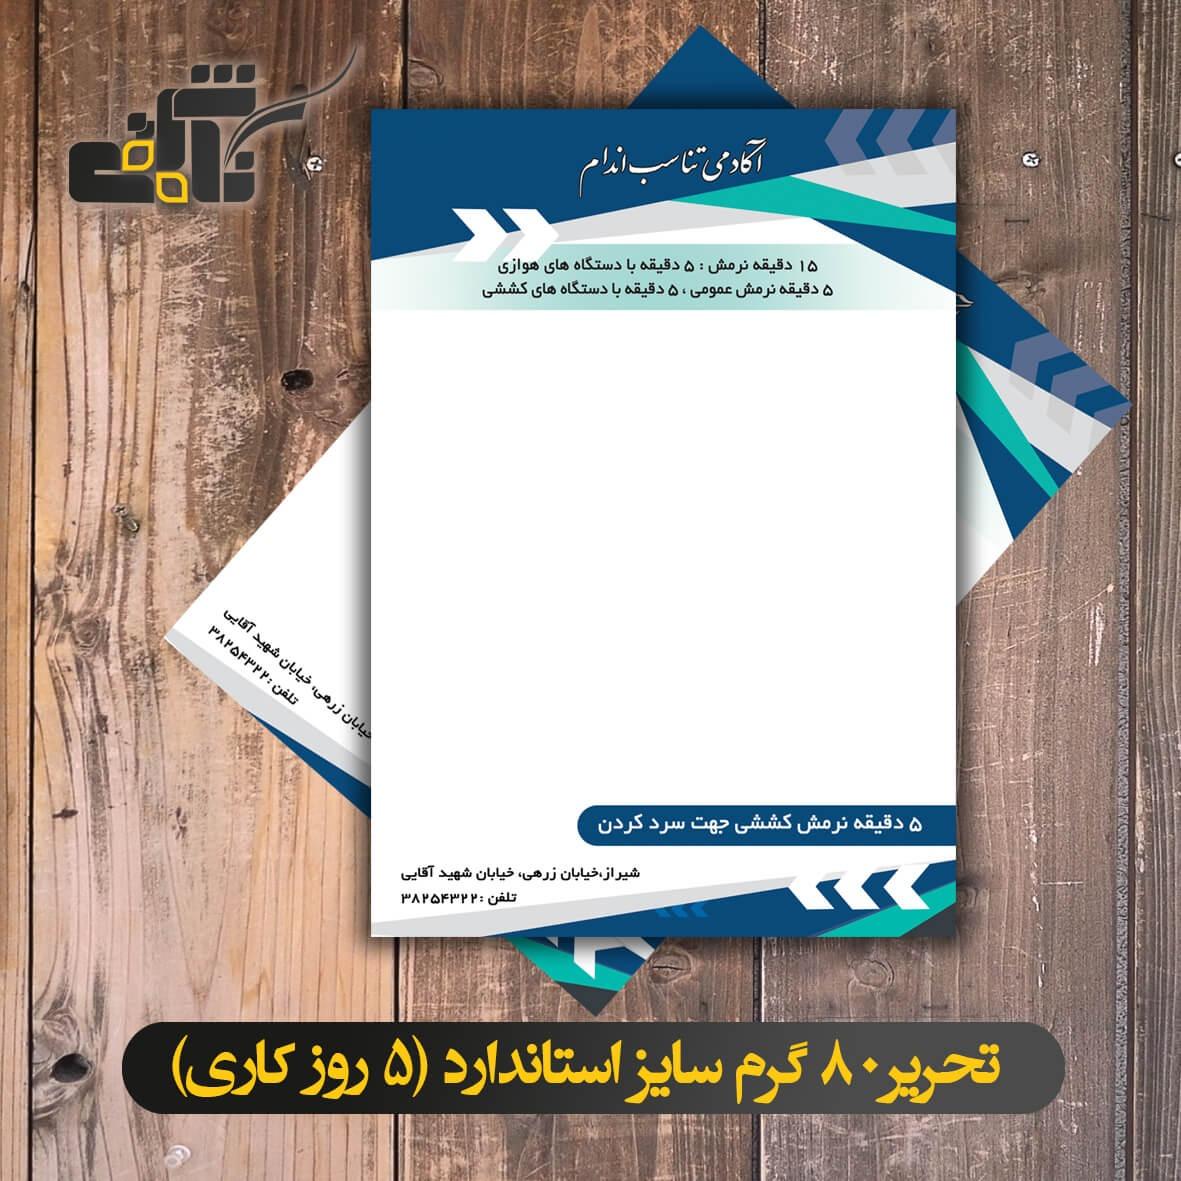 www.negahesharghiprint.com | فرم سربرگ رنگی تحریر 80 گرم سایز استاندارد (5 روز کاری)